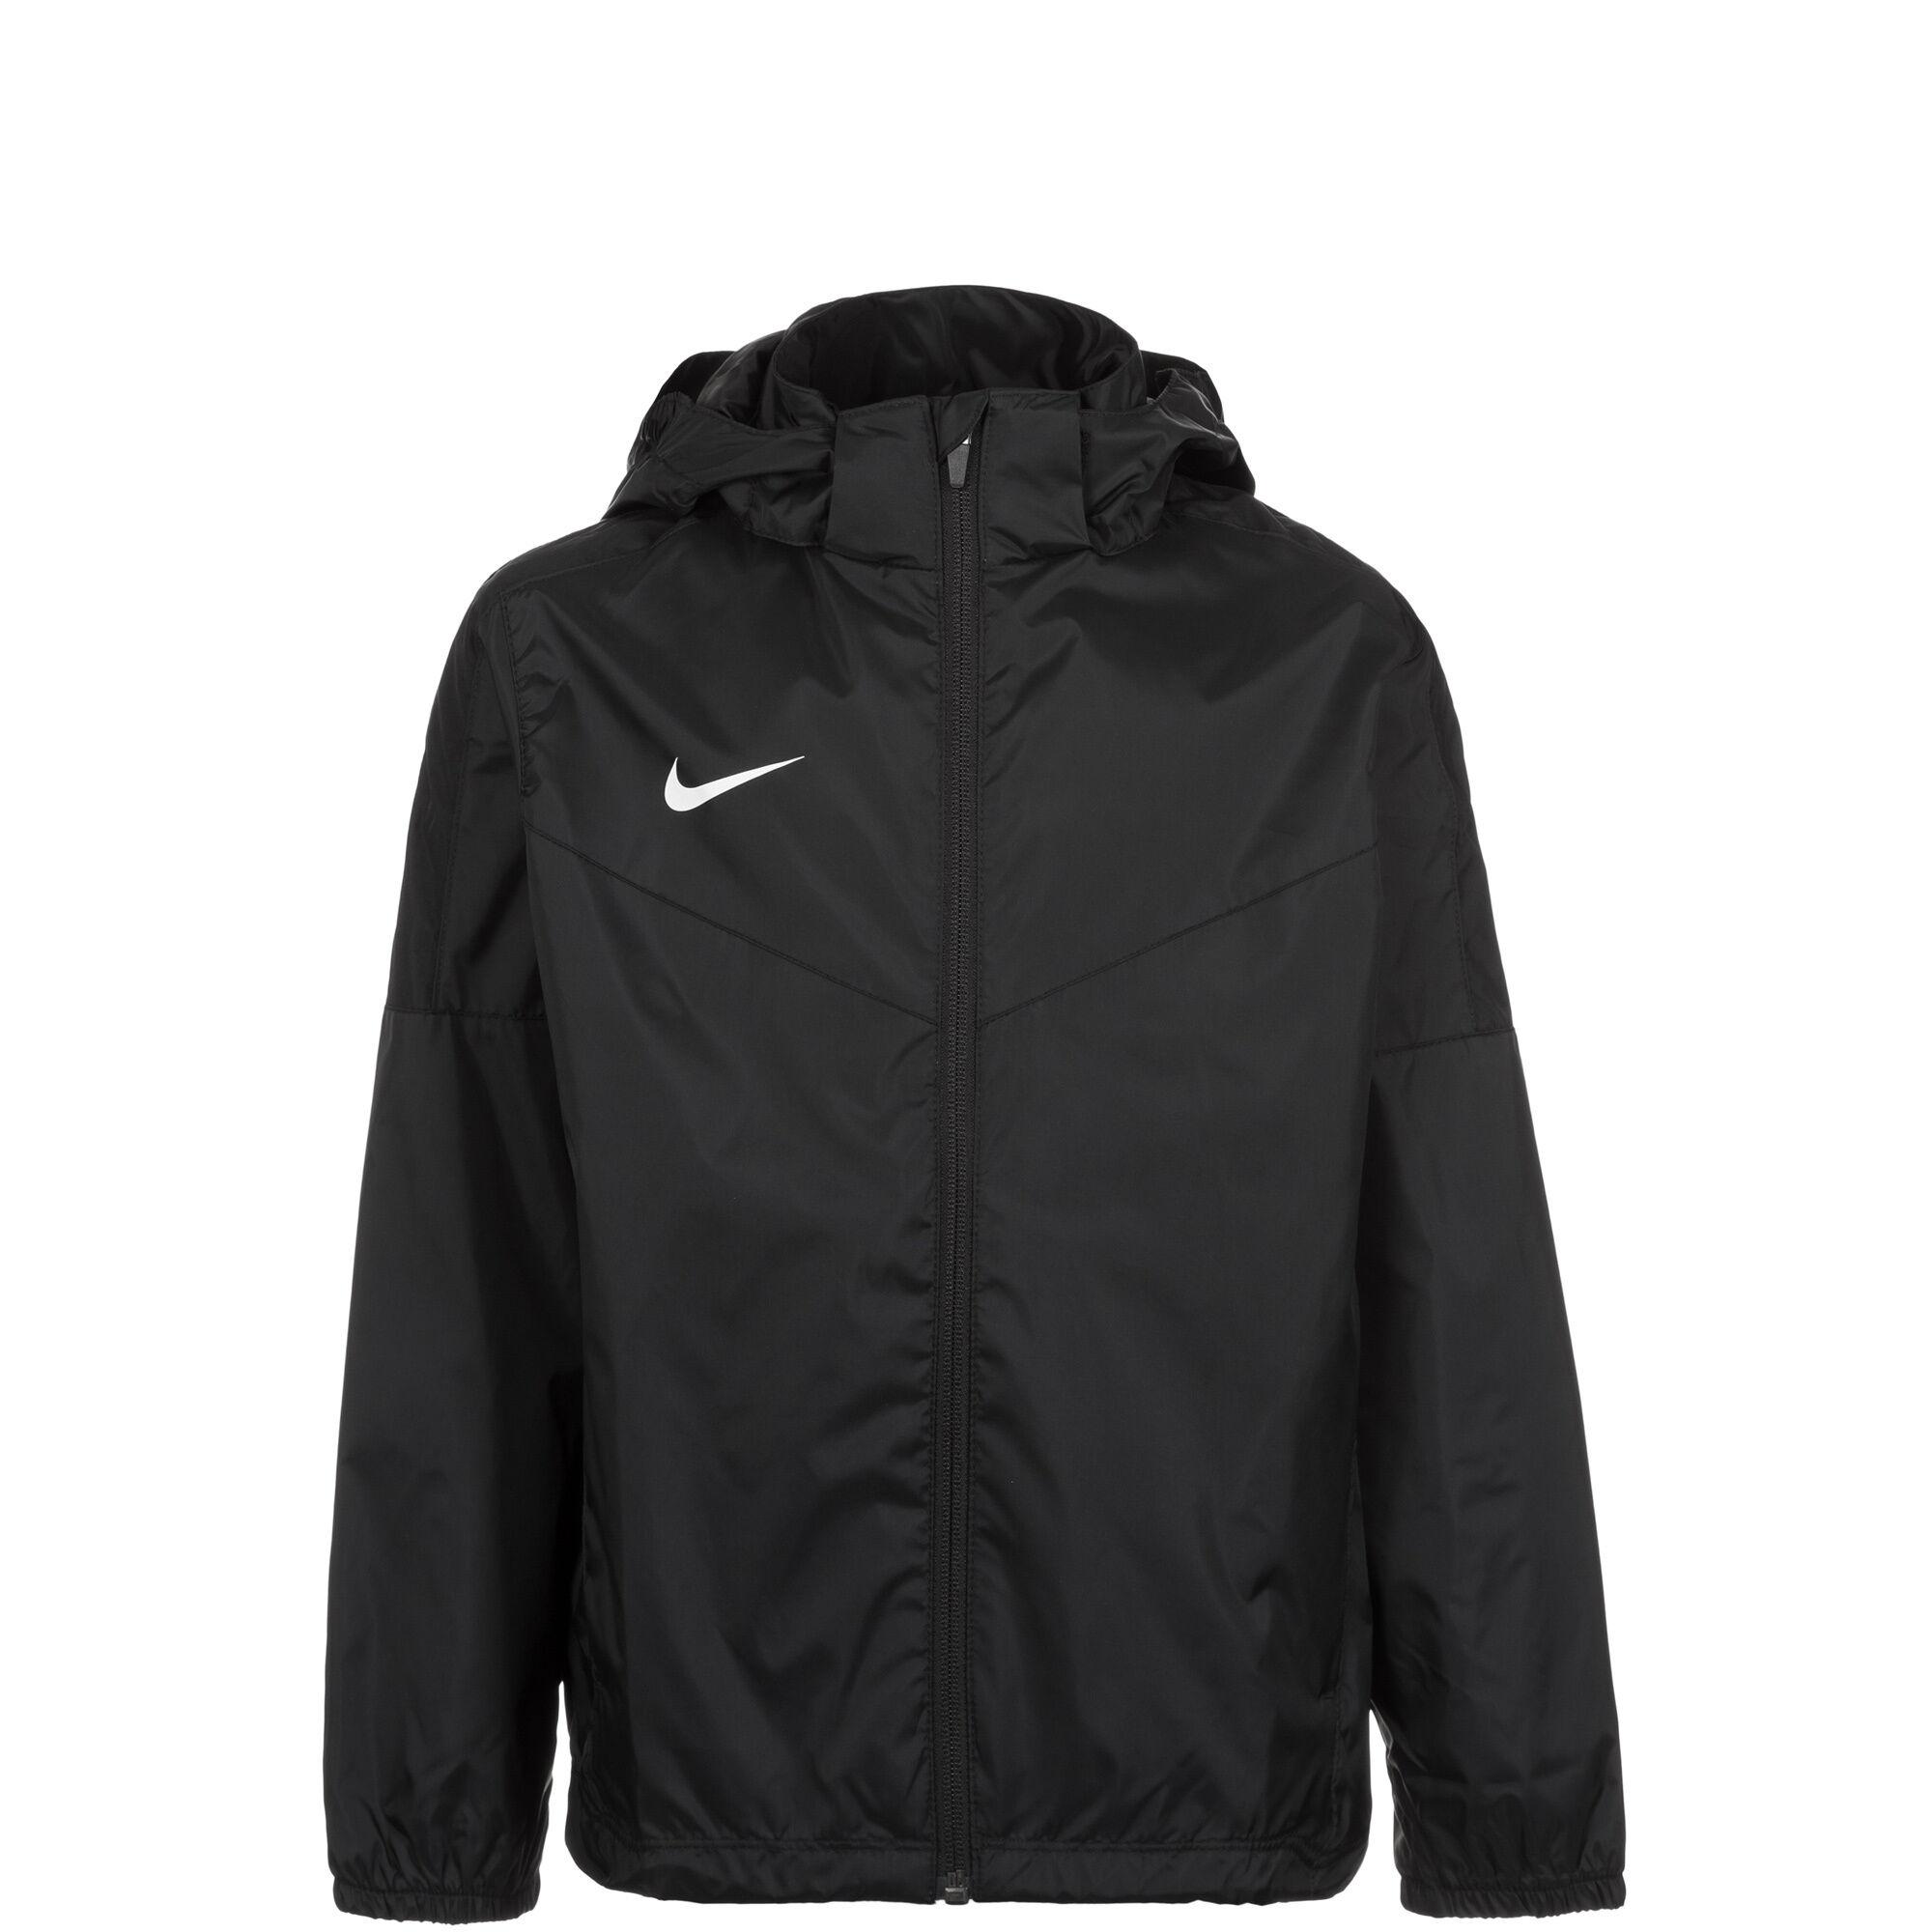 Regenjacke Nike Damen